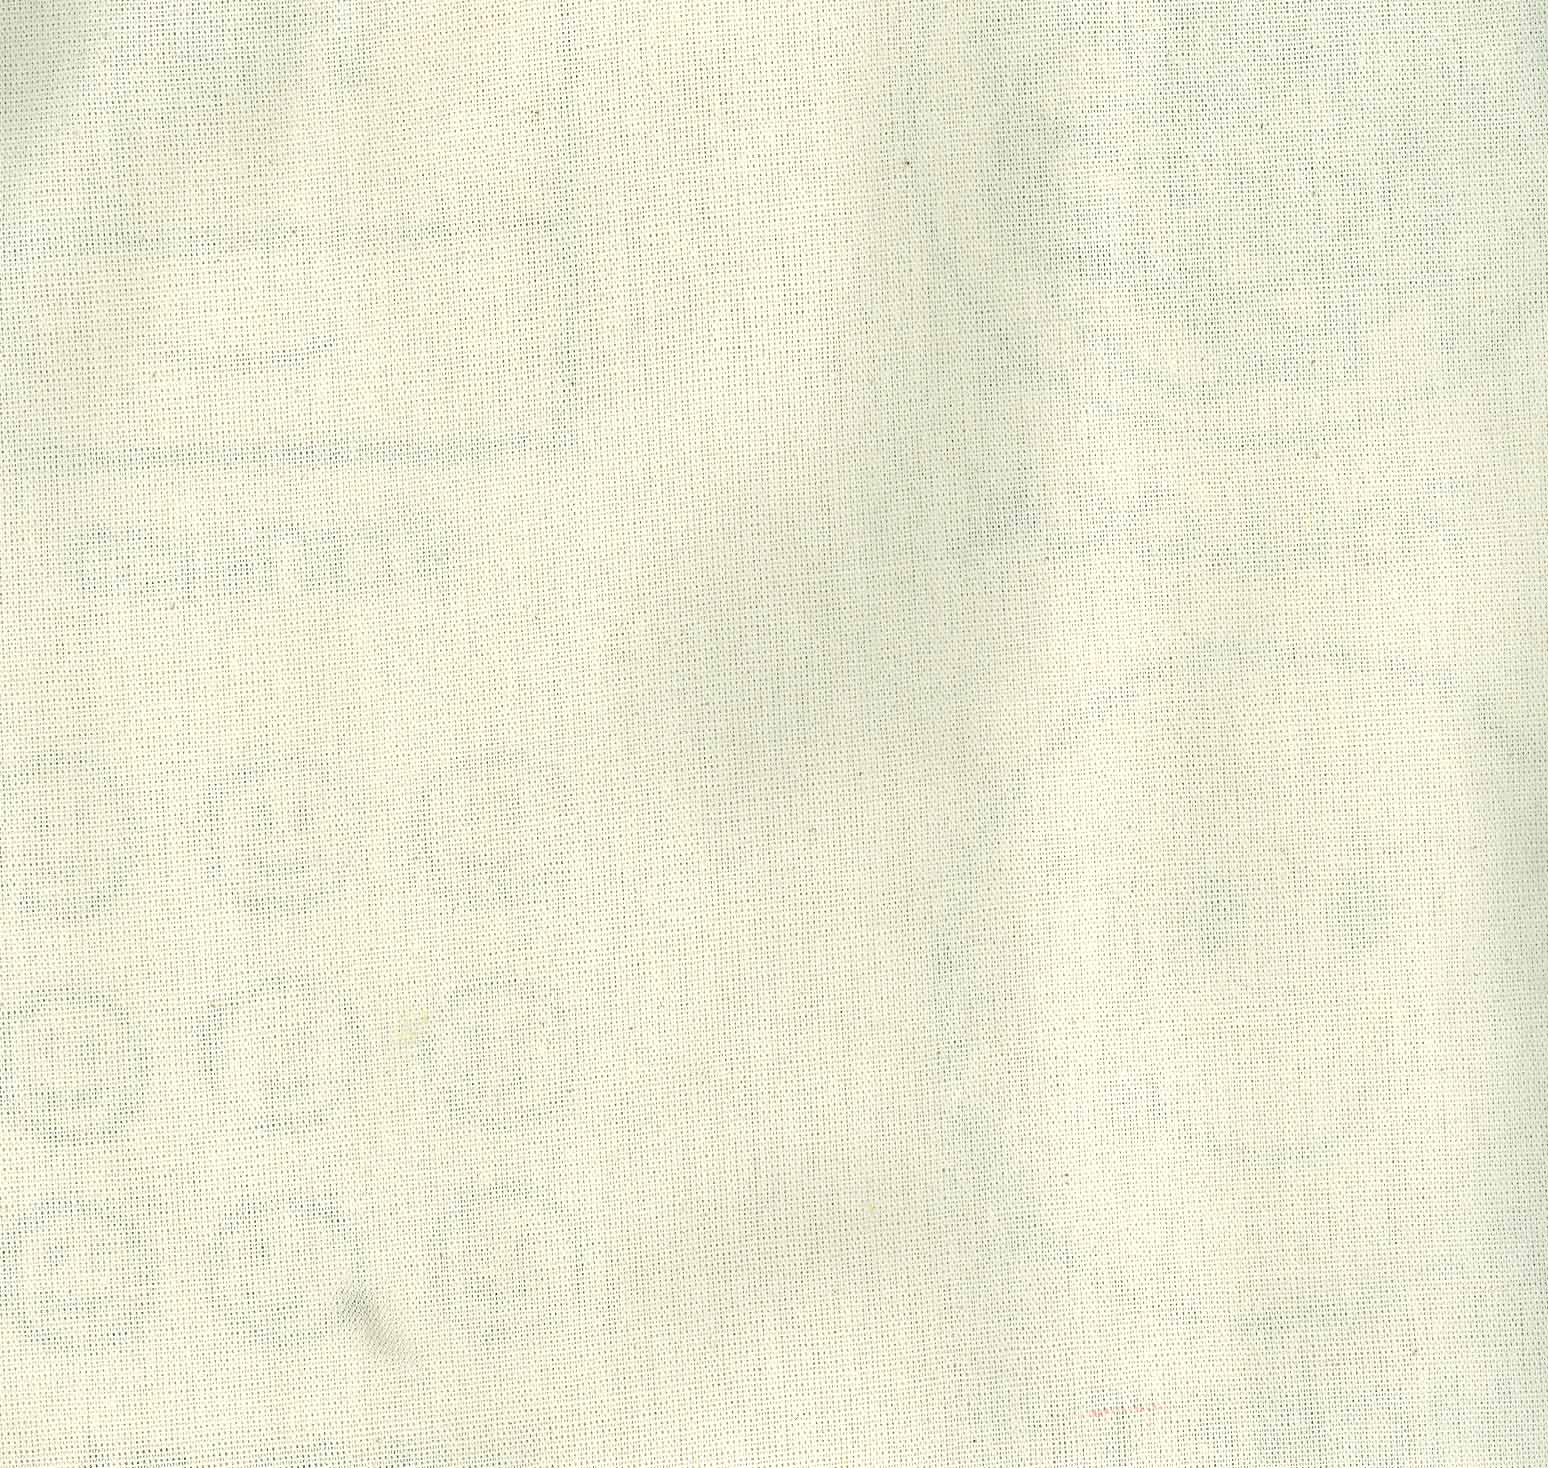 کیف پارچه ای (تاریخ هنر)